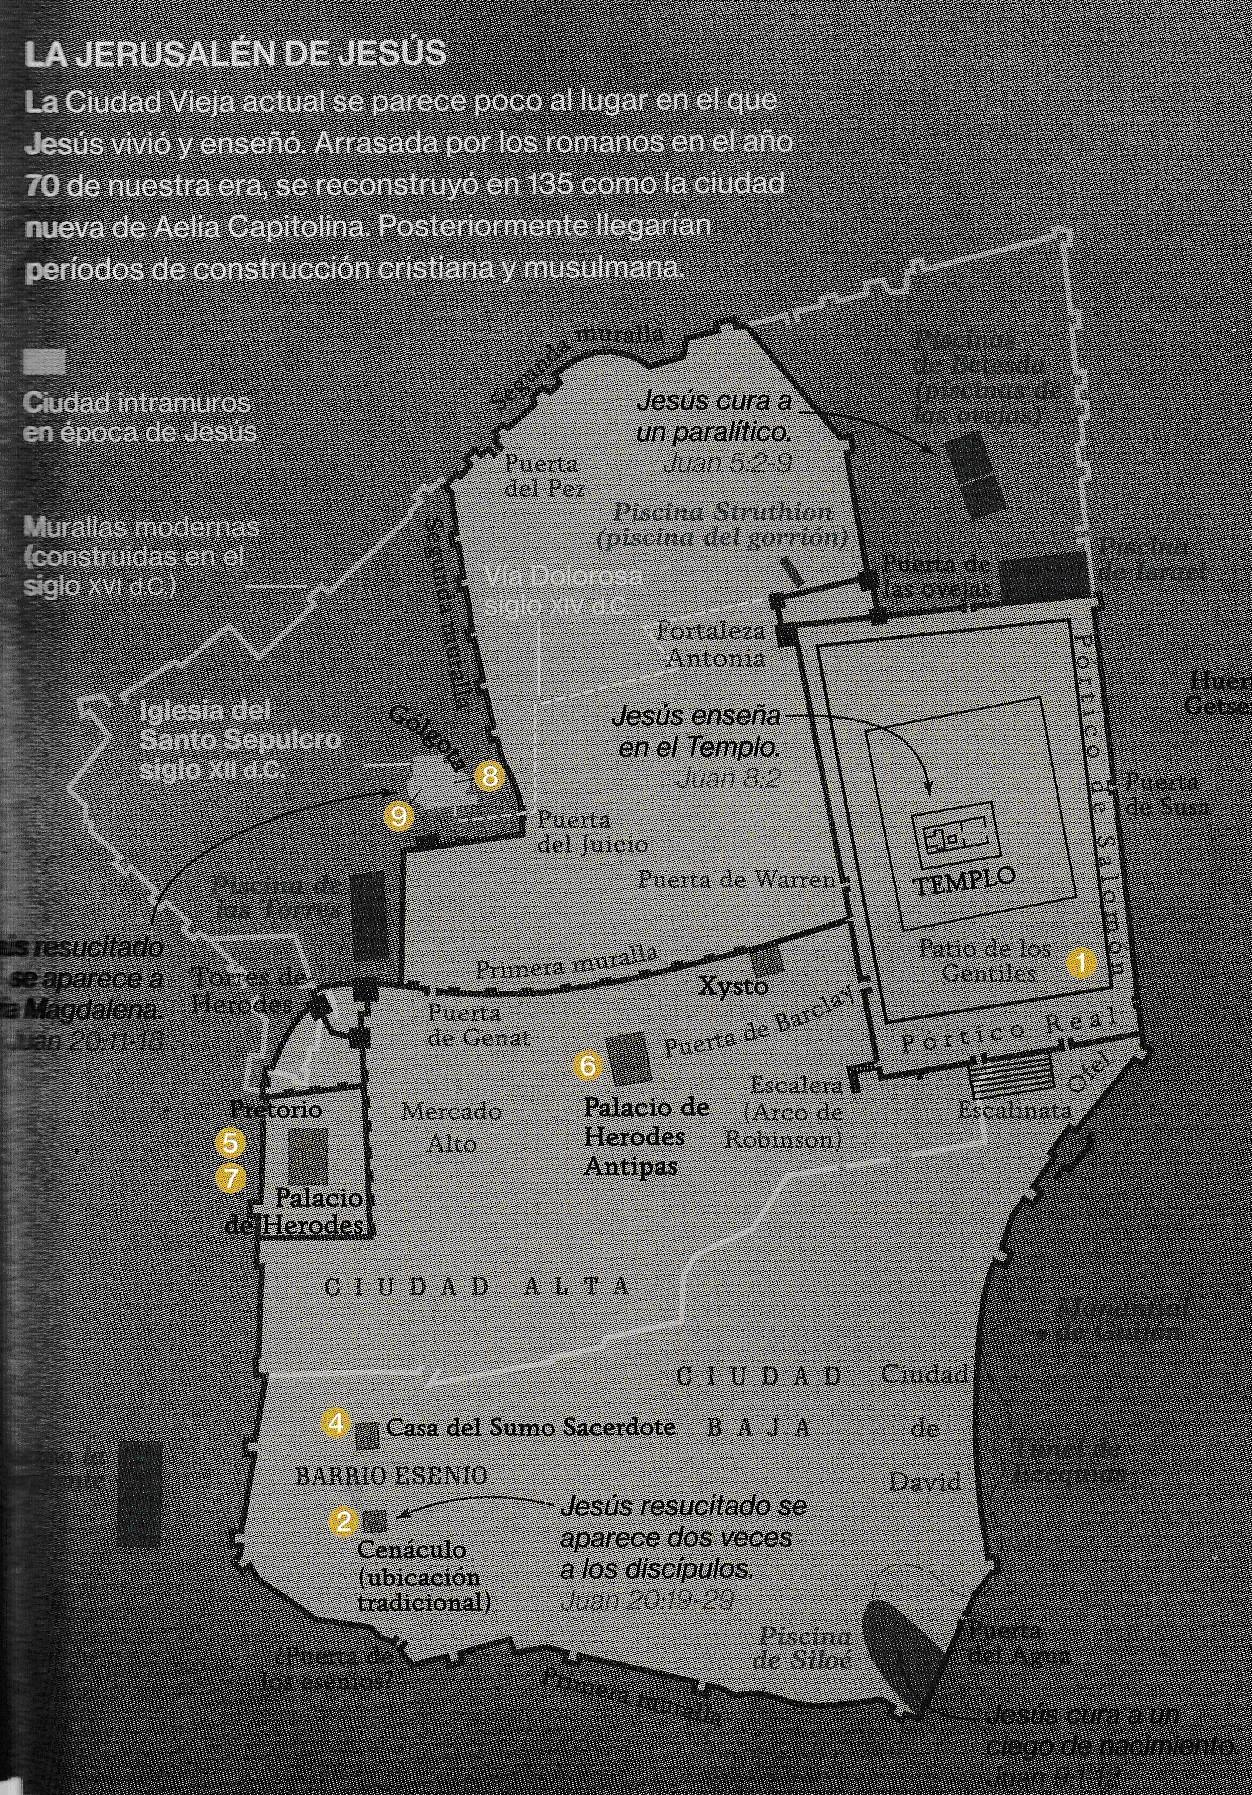 ¿Dónde estaba el Gólgota? Plano de Jerusalén de National Geographhic, Diciembre 2.017.